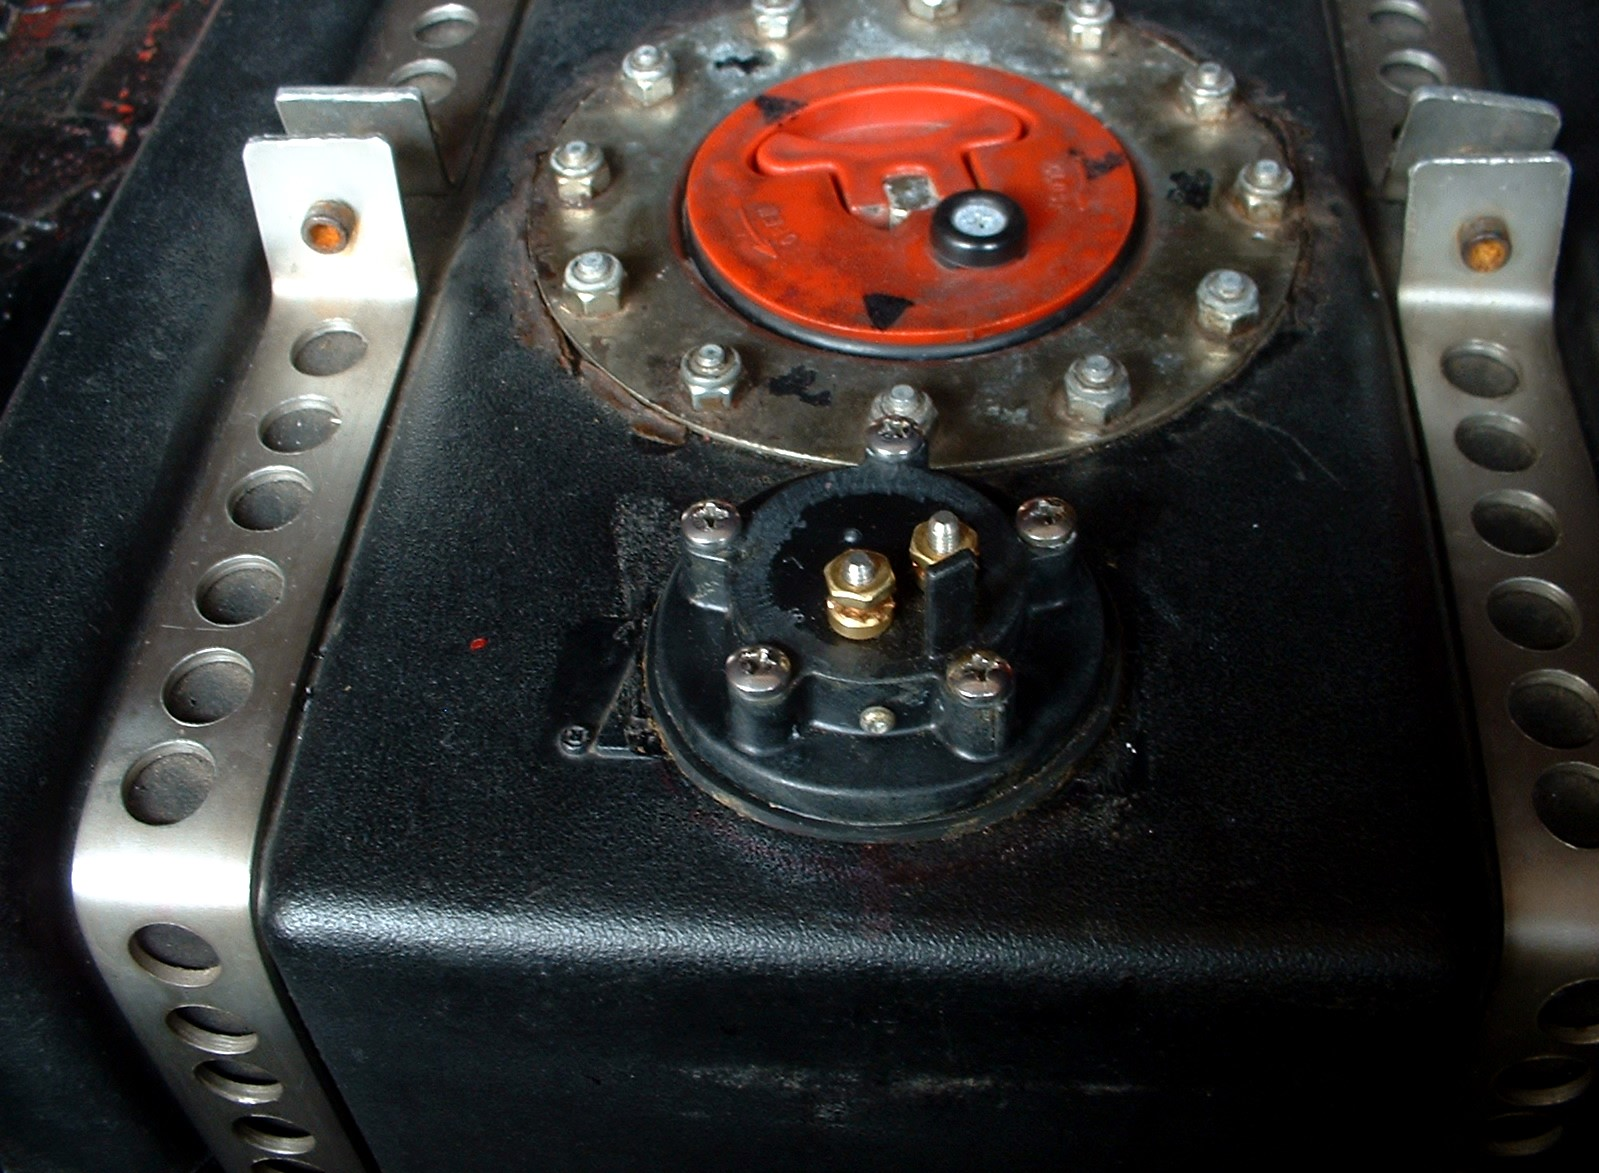 Fuelsensor2